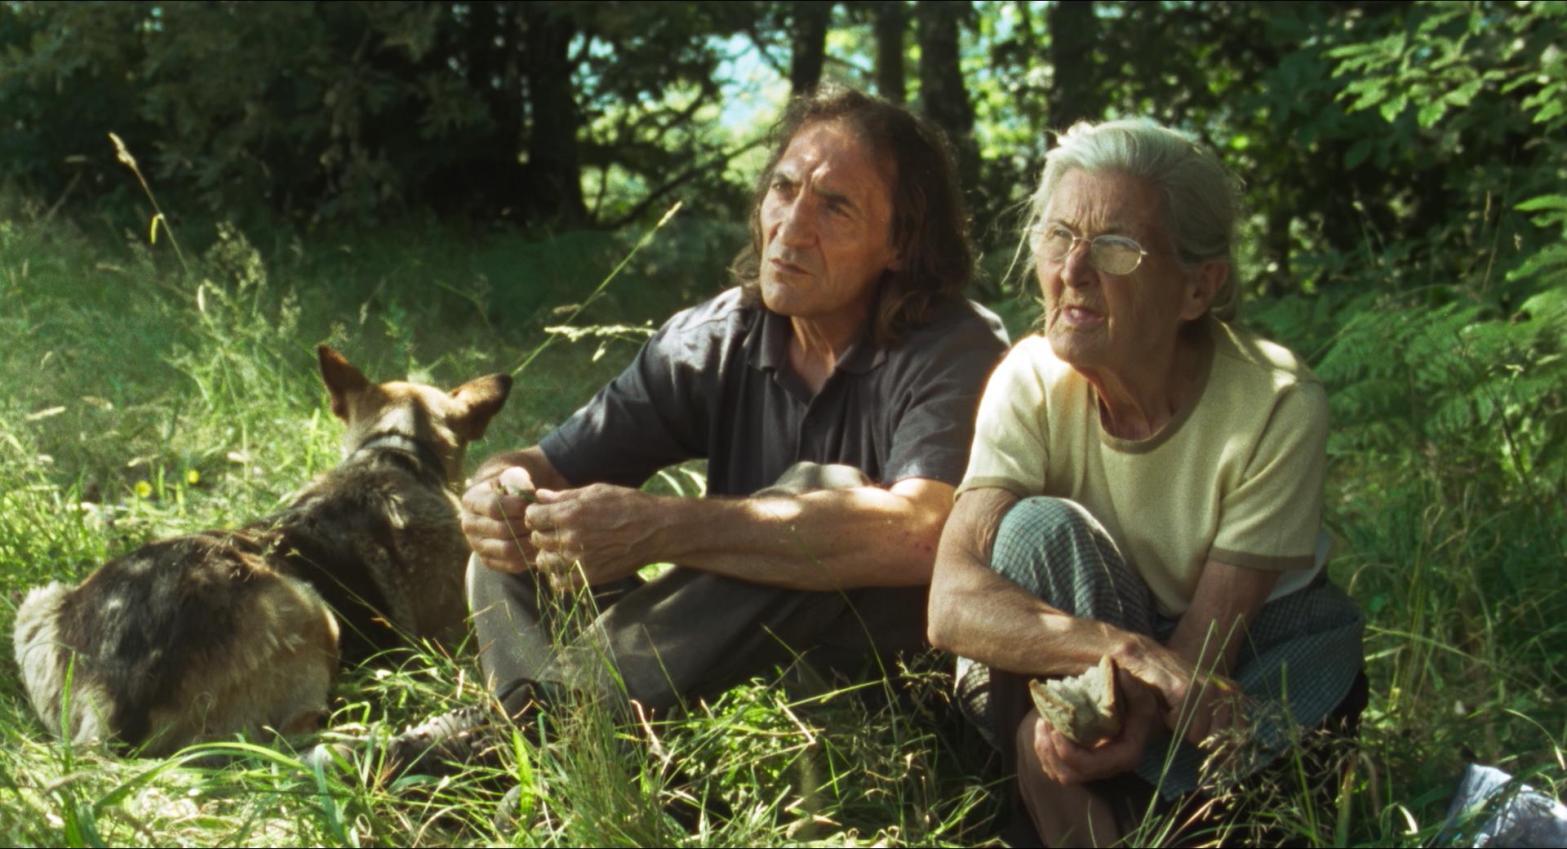 Amador y Benedicta, protagonistas de 'O que arde' (vía Numax).